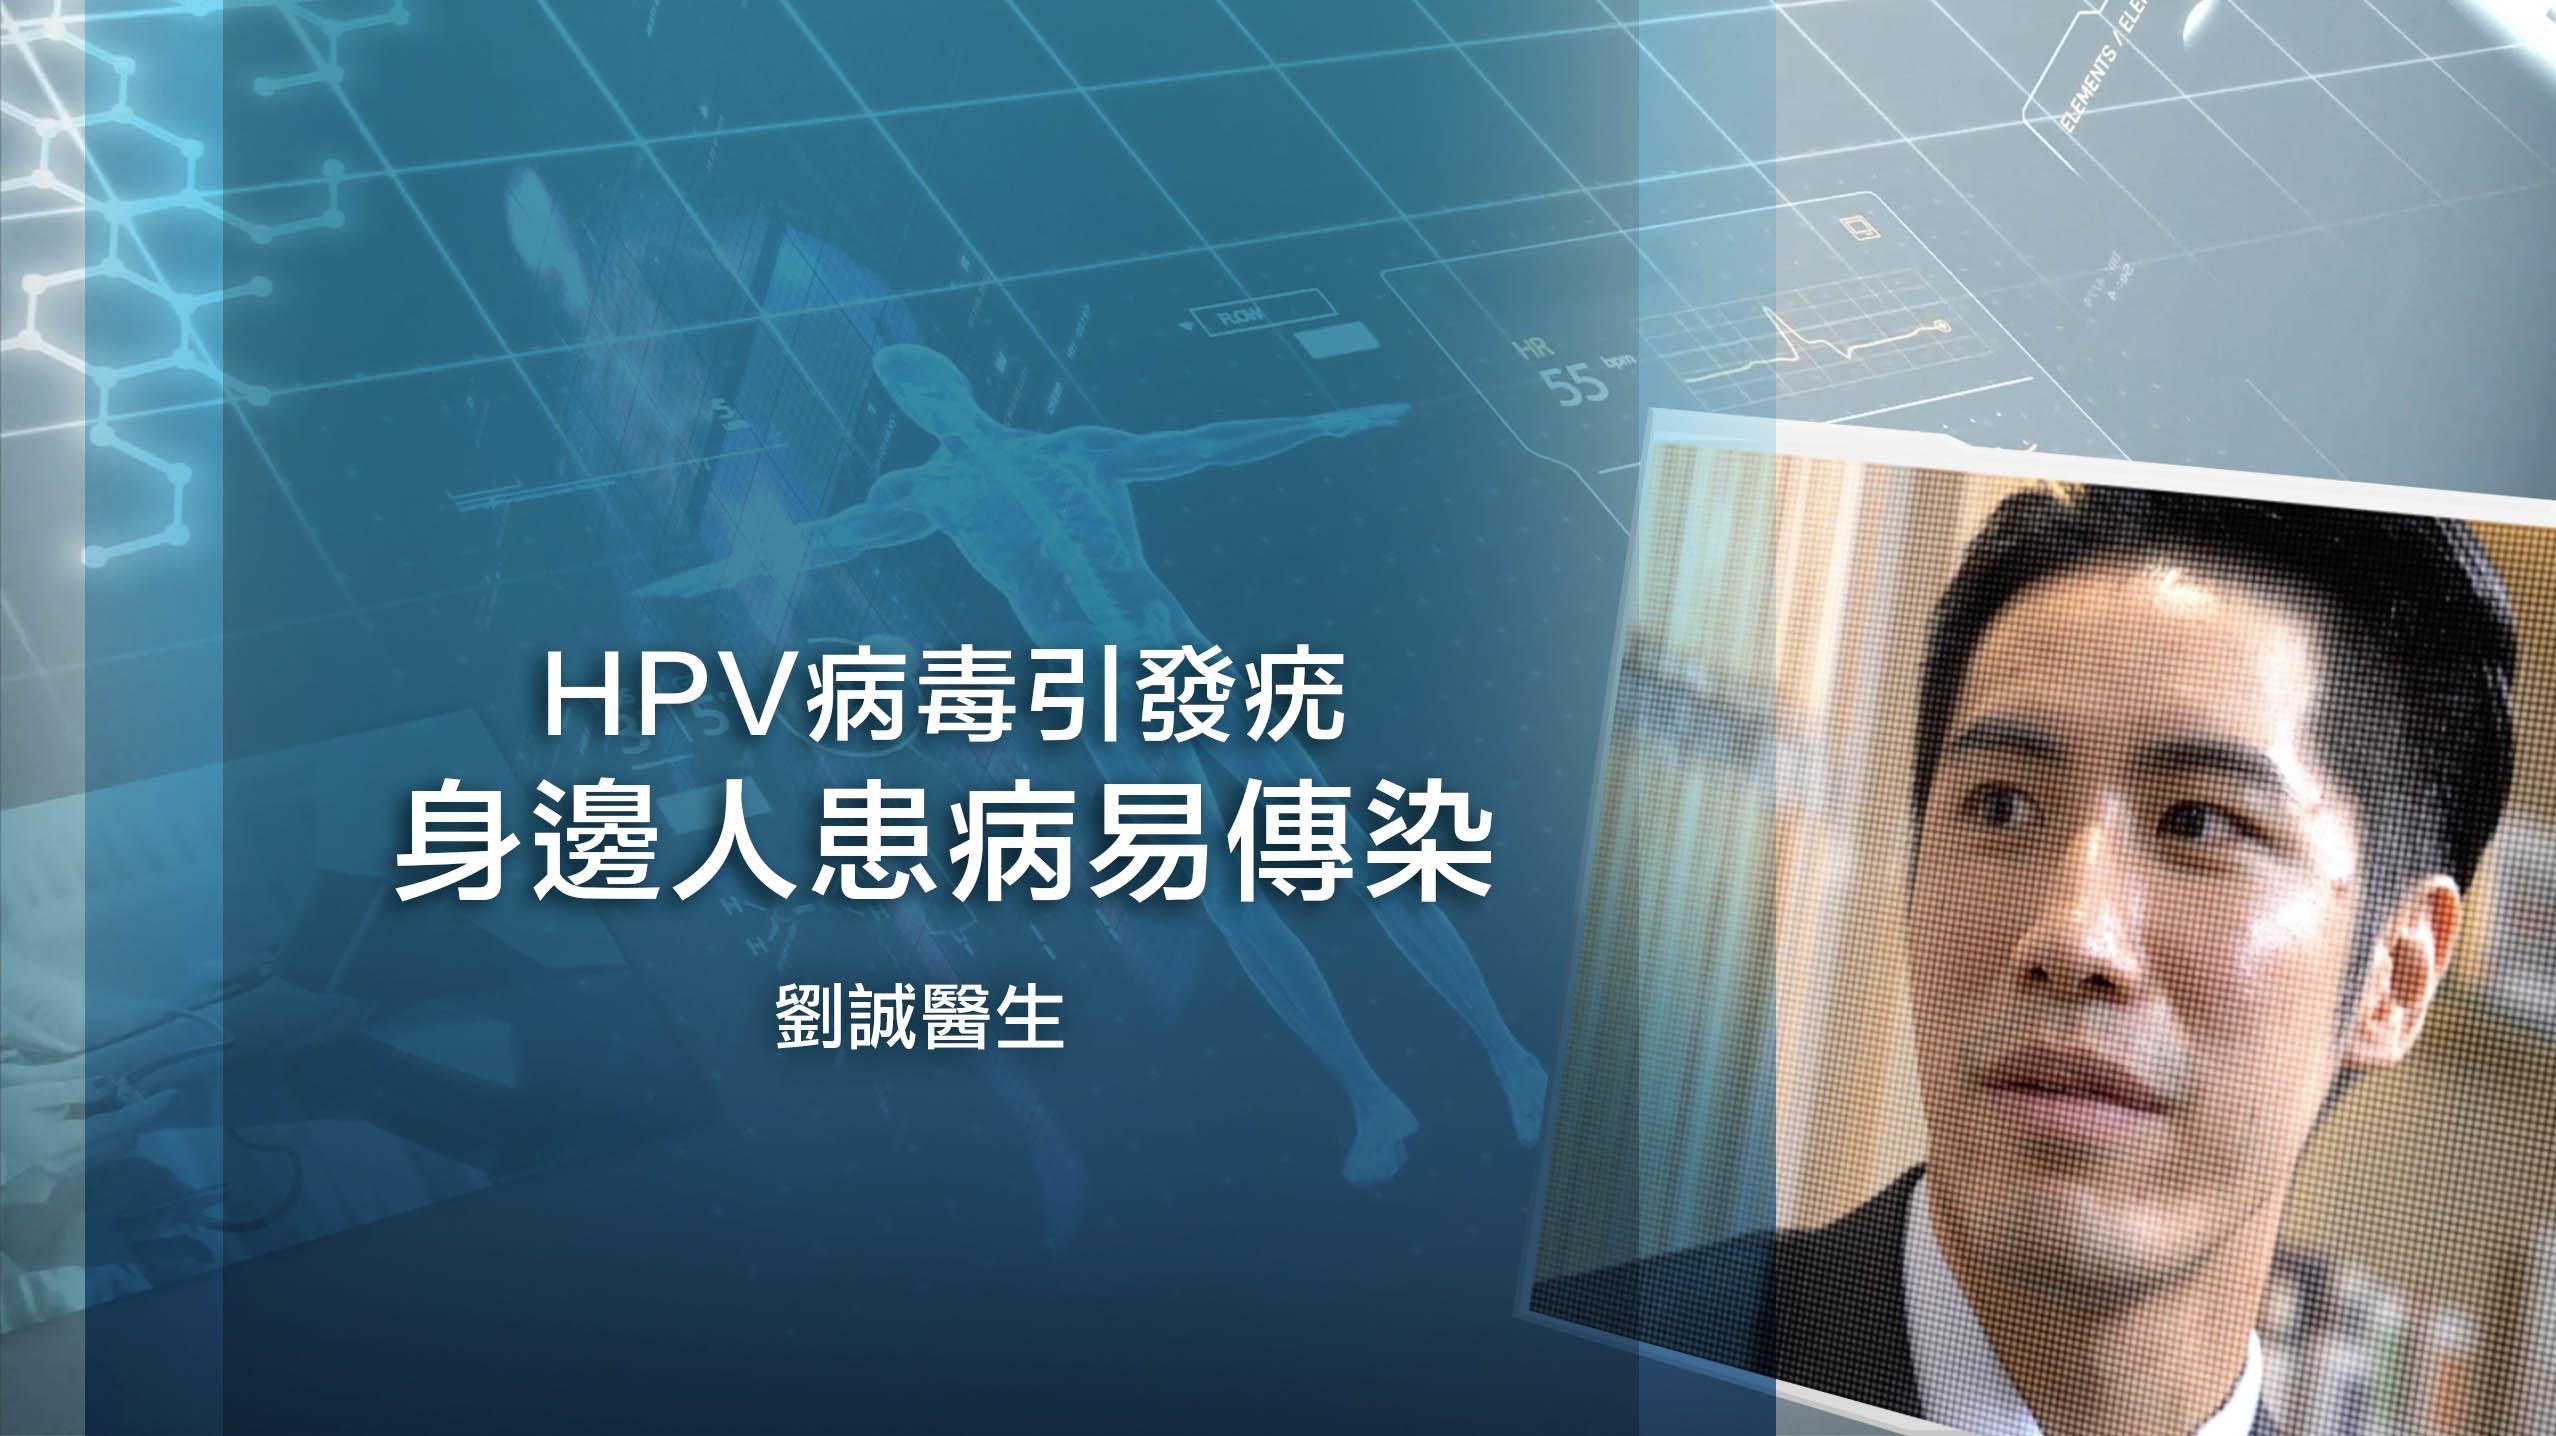 HPV病毒引發疣 身邊人患病易傳染